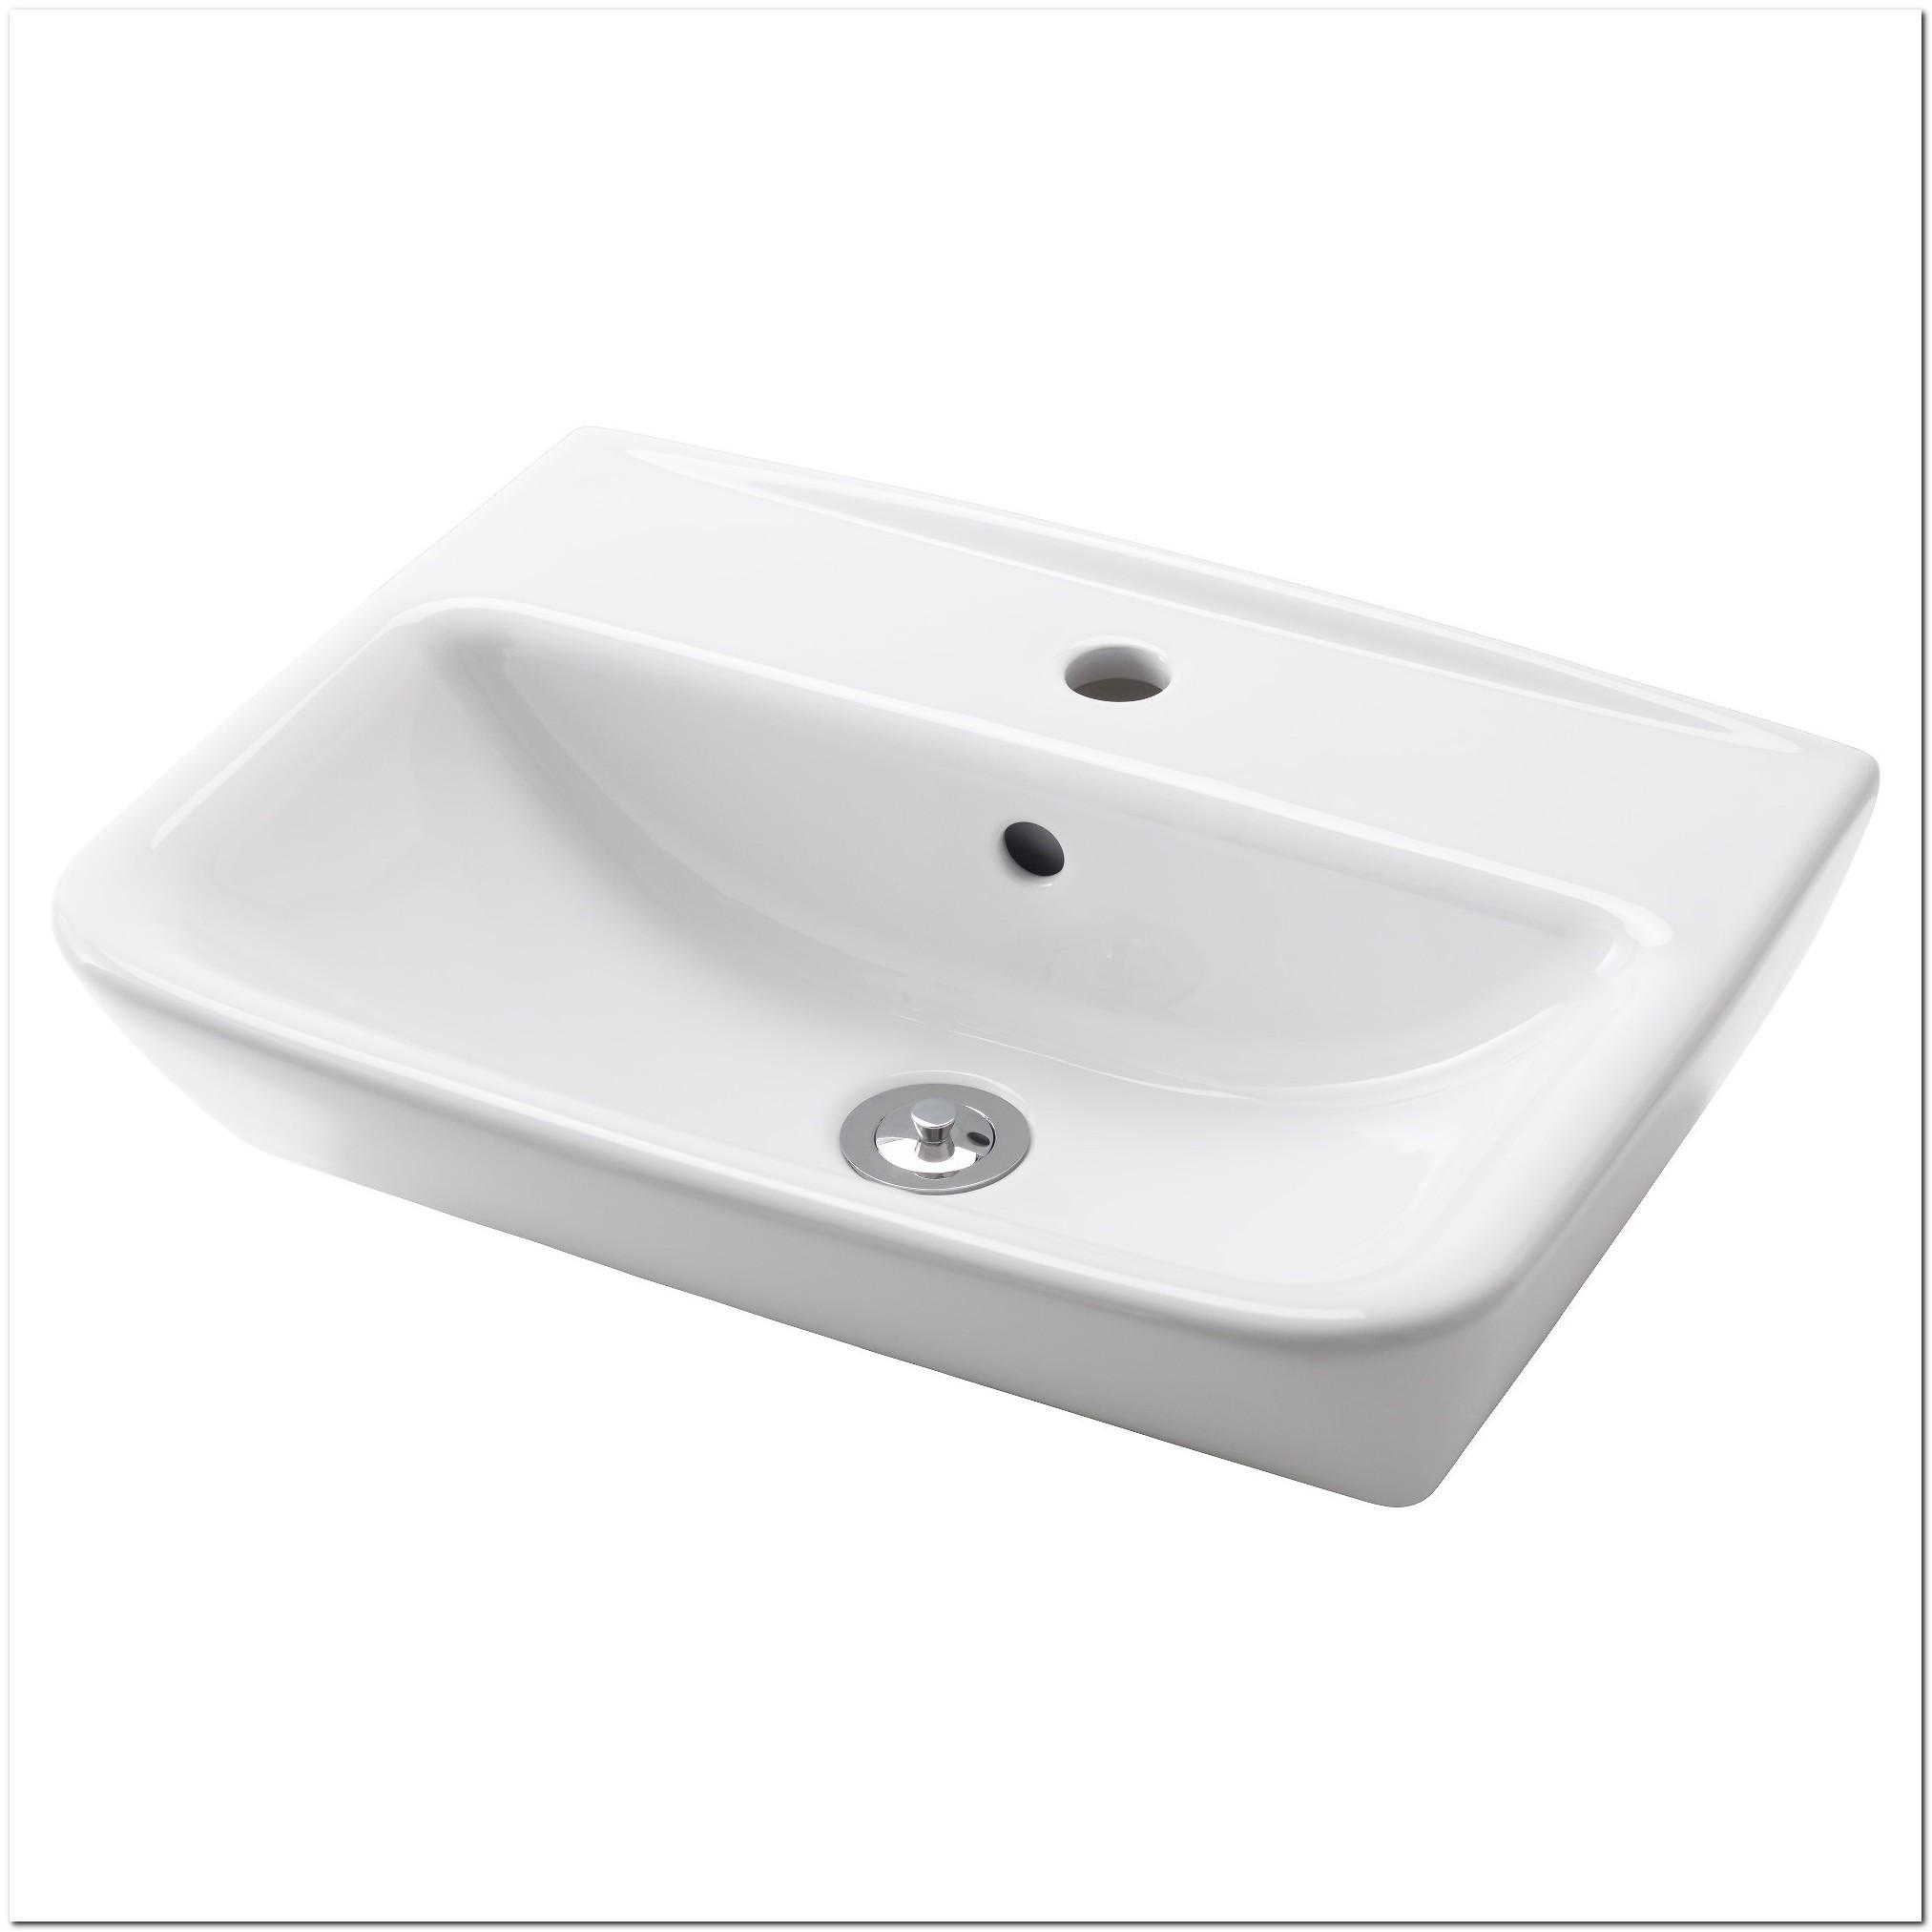 15 Inch Width Bathroom Sink